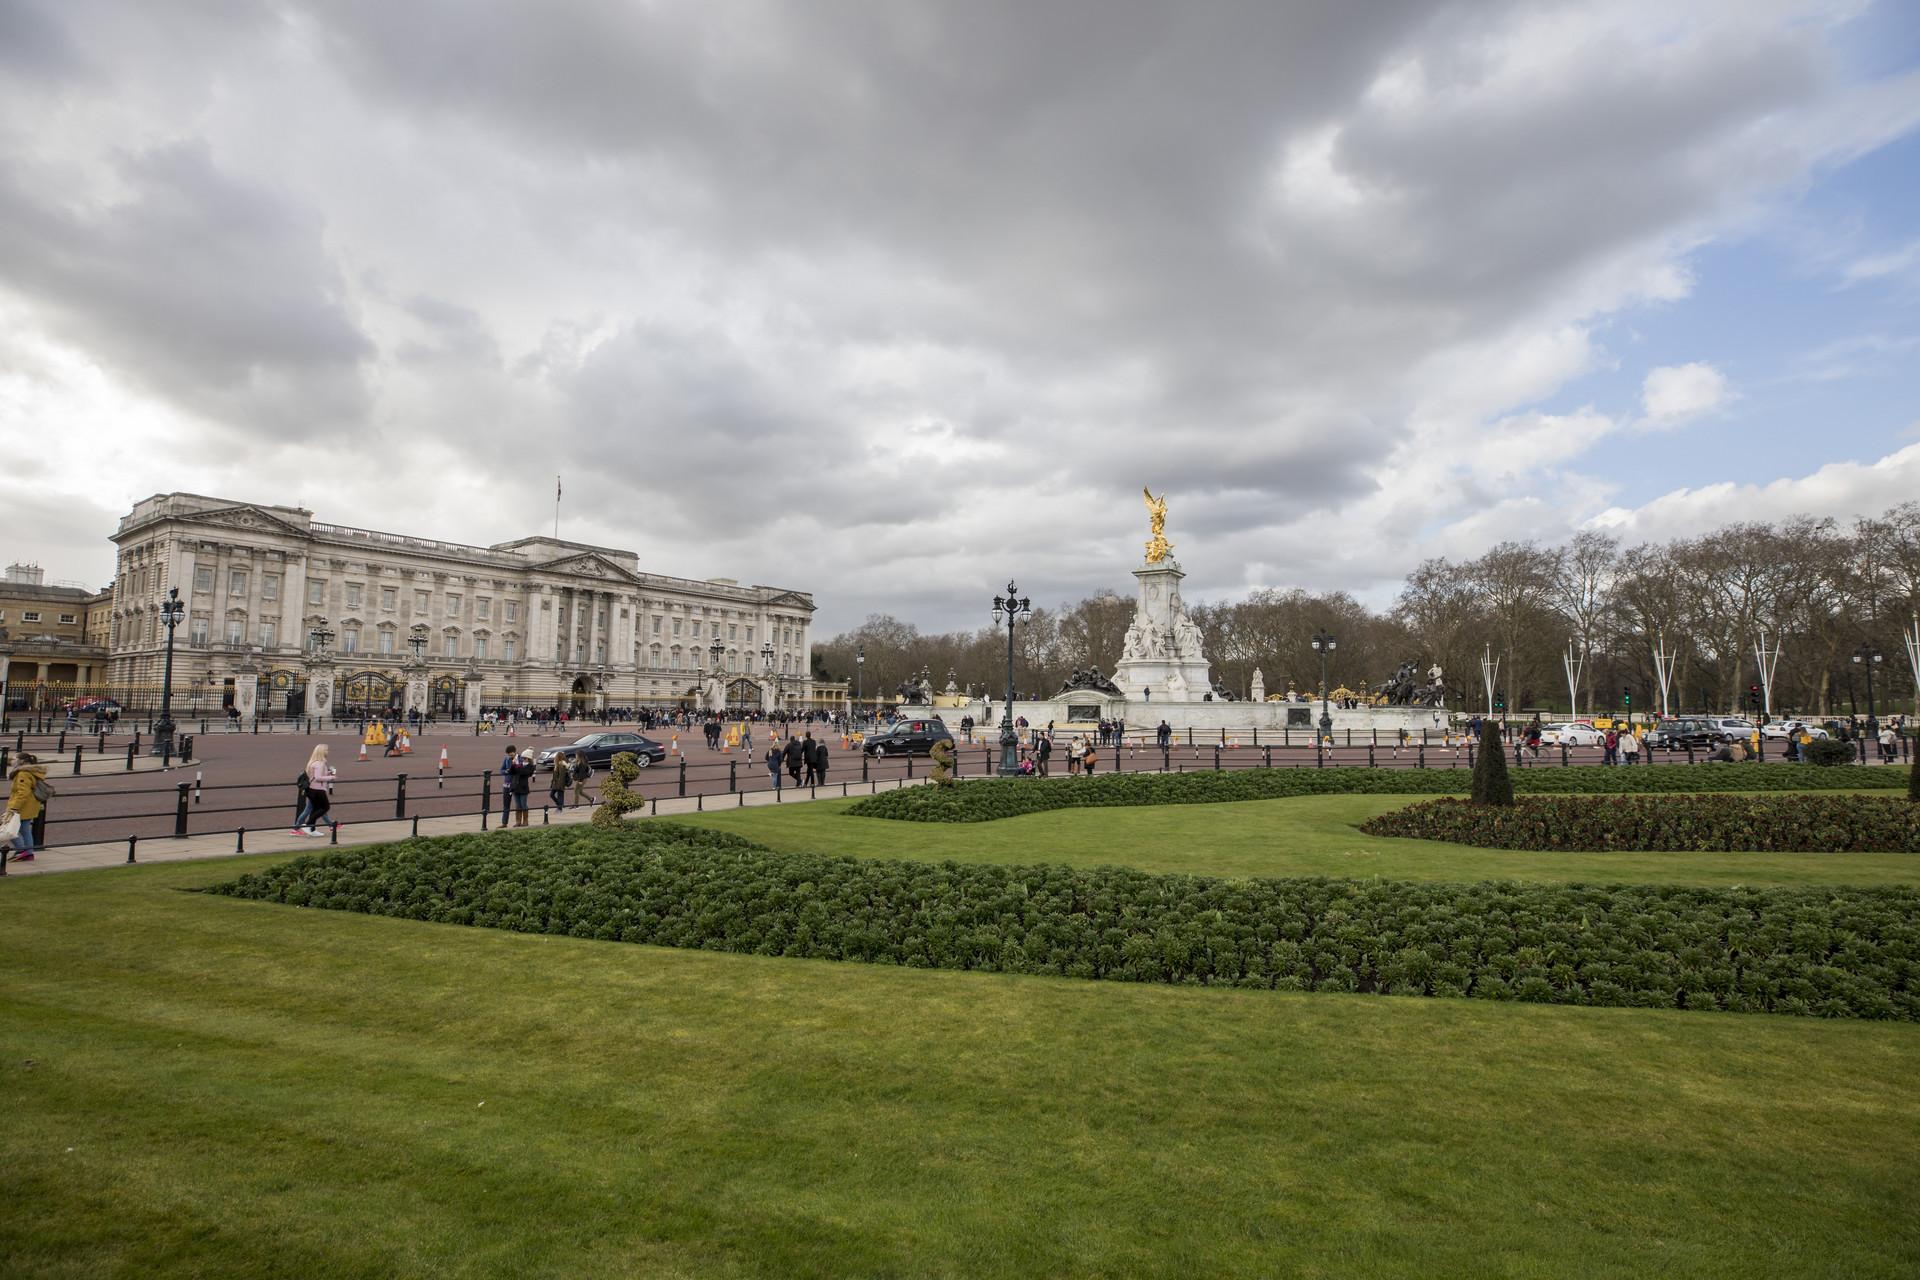 女王身家16亿英镑是怎么回事 女王身家16亿英镑是真的吗_52z.com